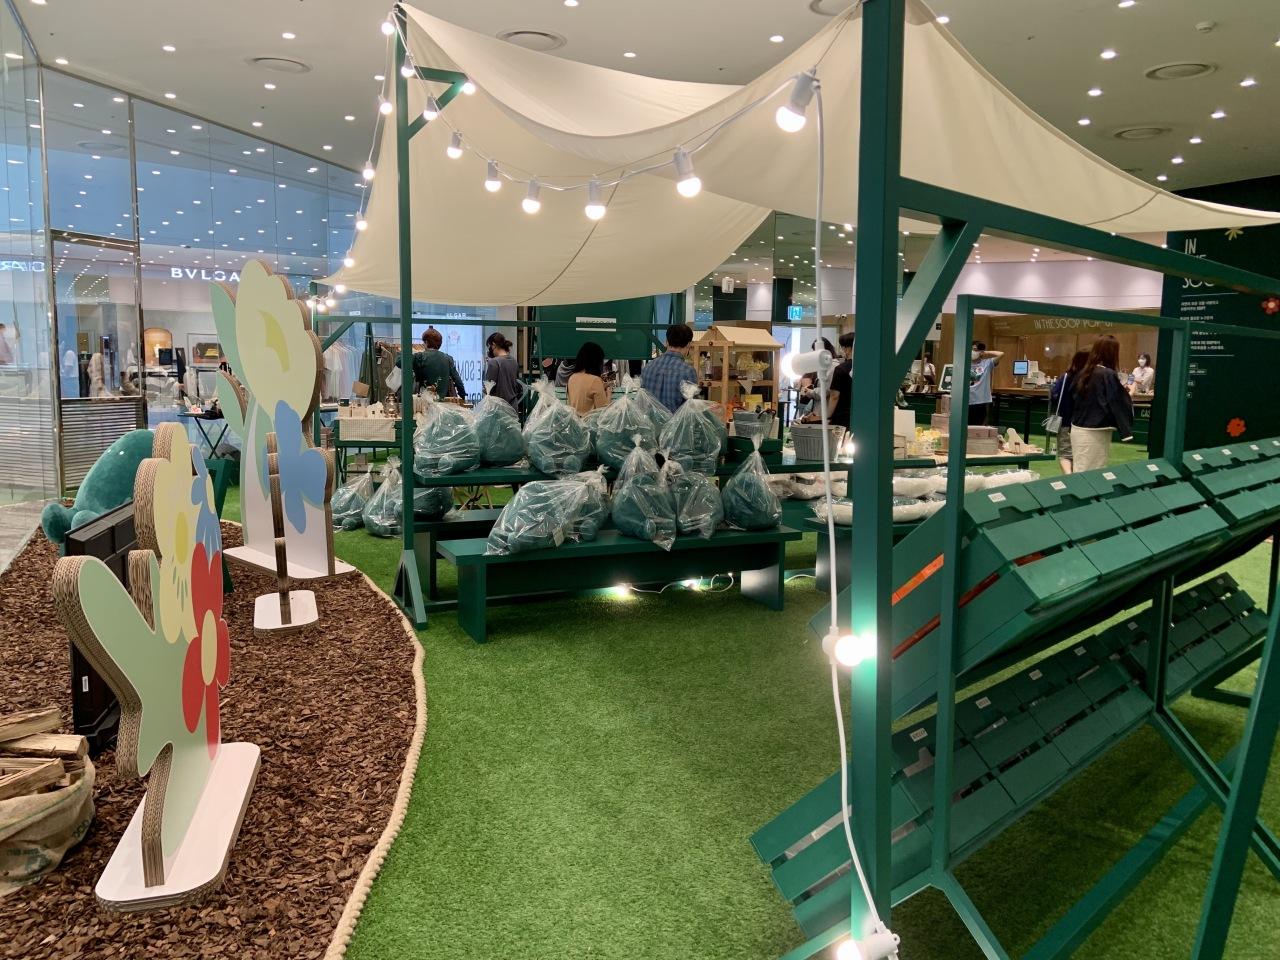 Visitors look around the pop-up store Sept. 8. (Park Jun-hee/The Korea Herald)